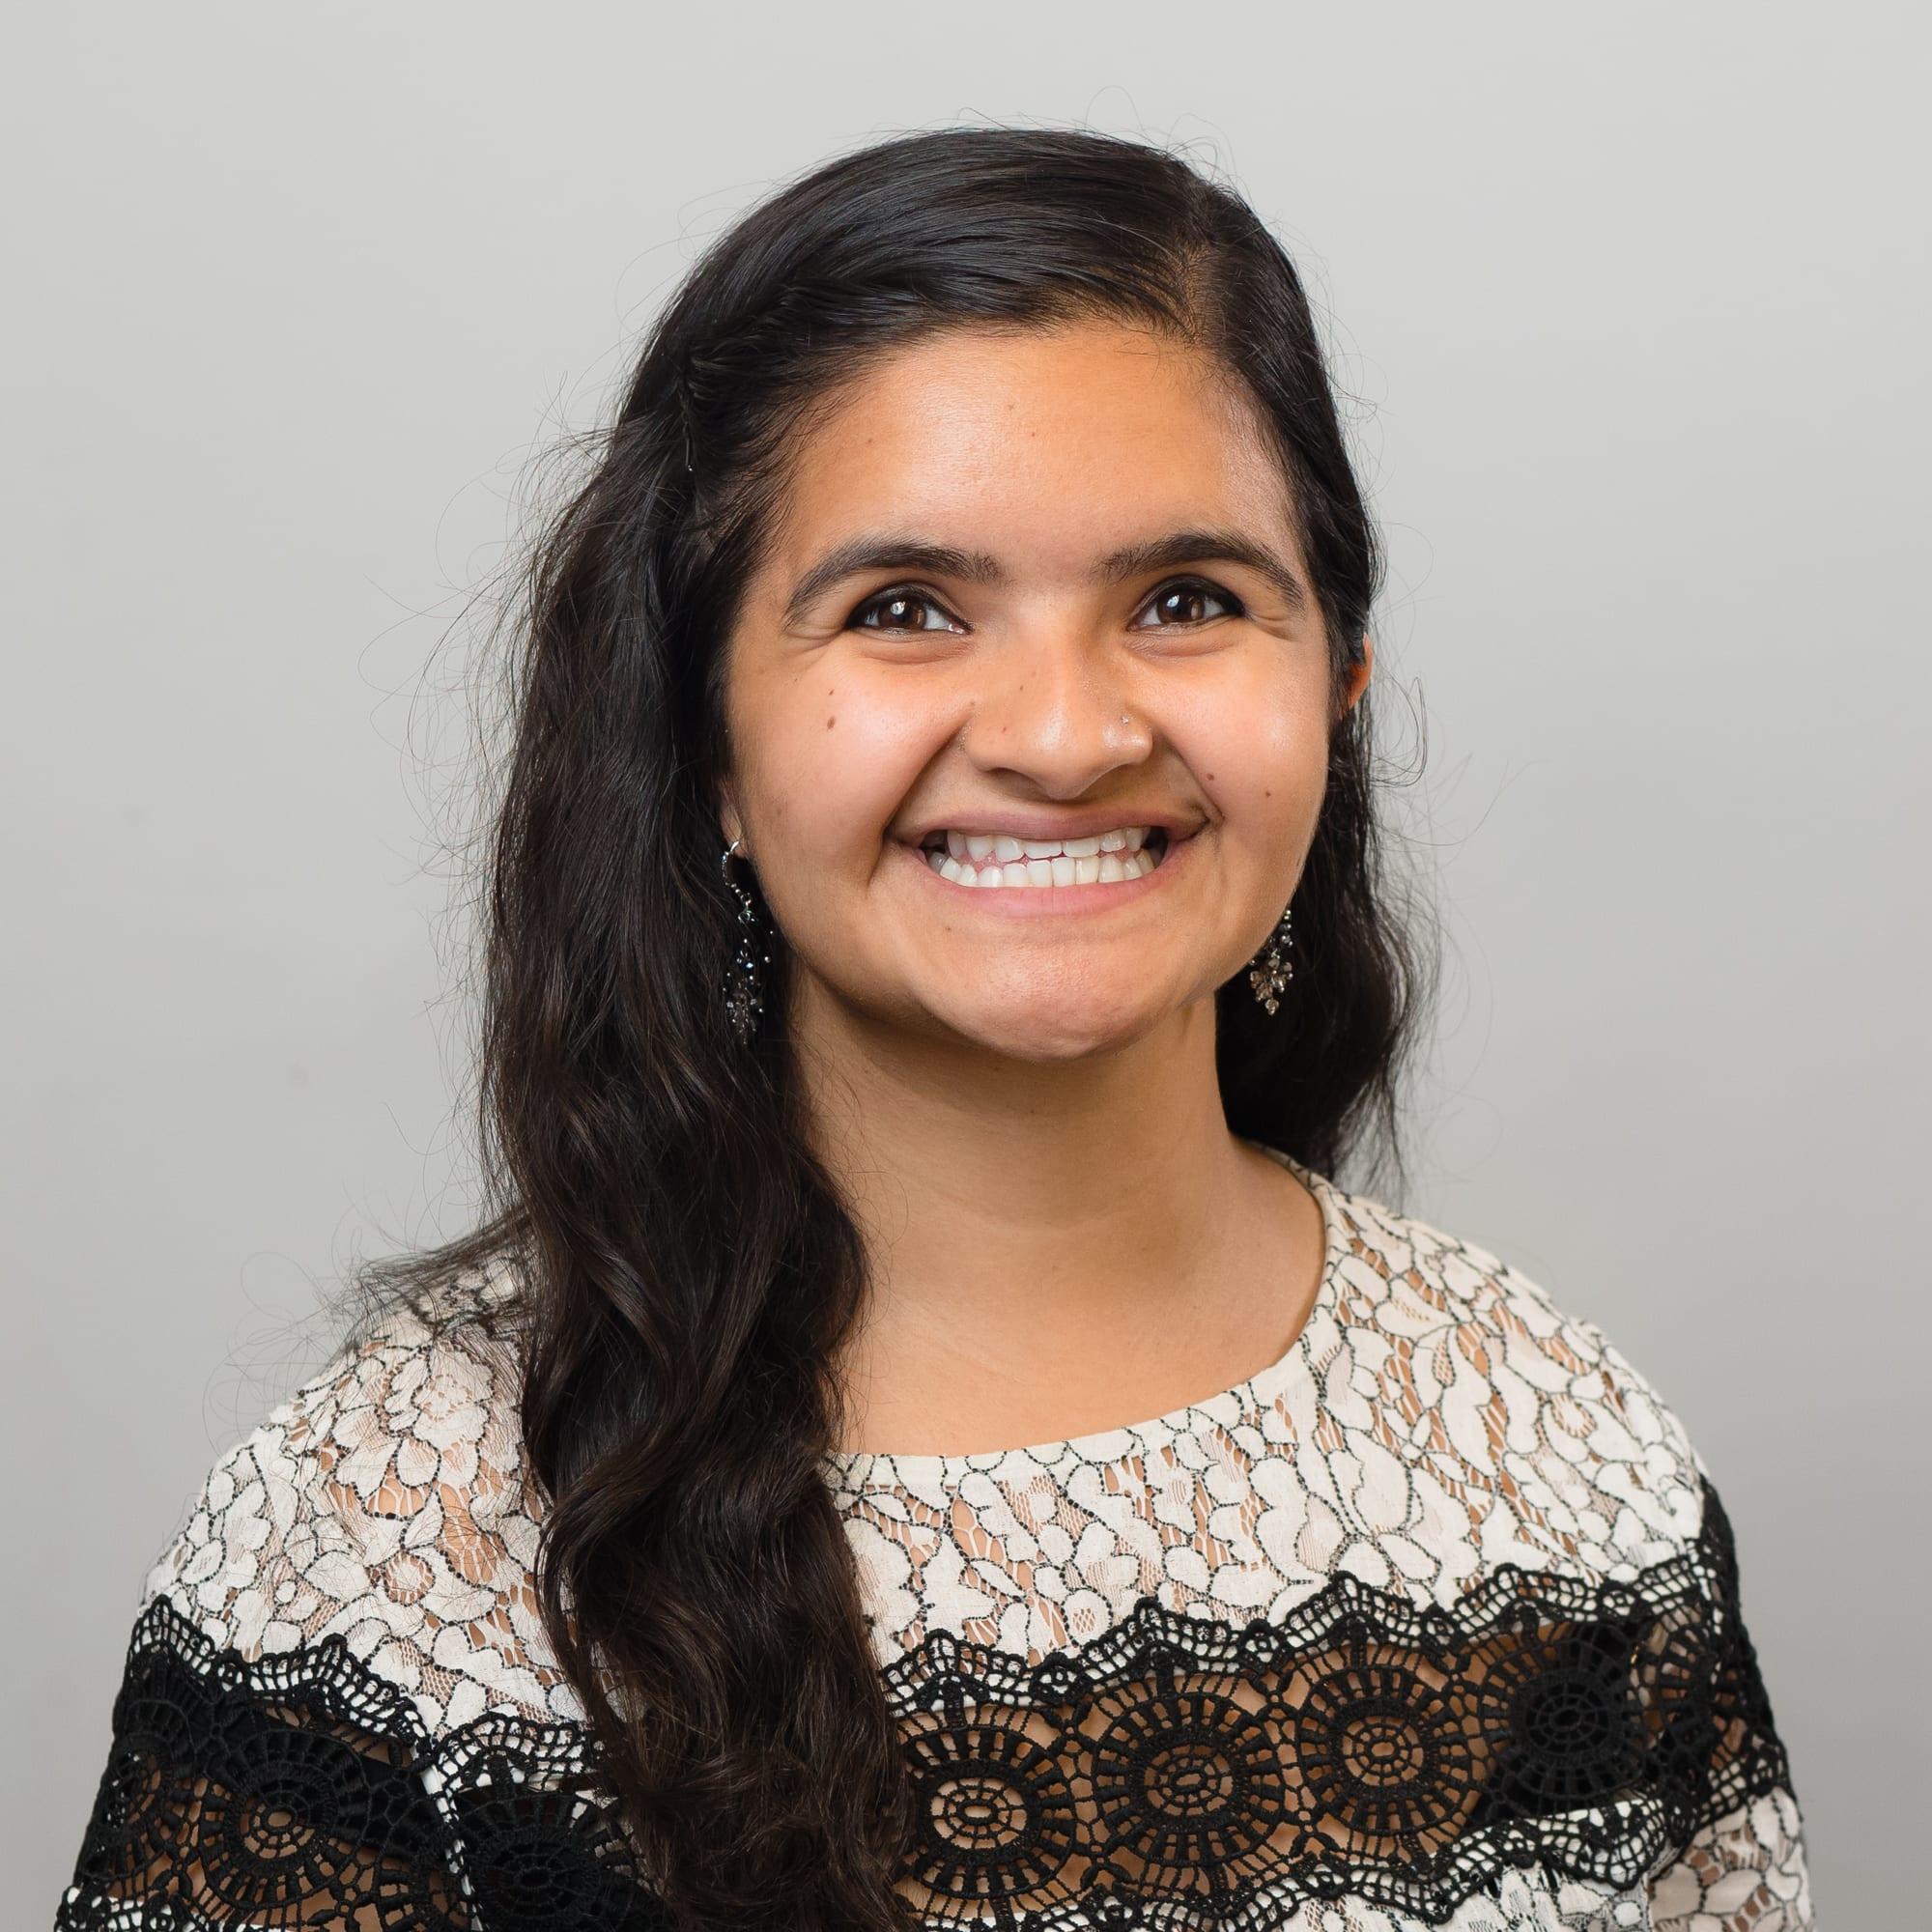 Sunanda Mishra, Associate Predictive Modeller